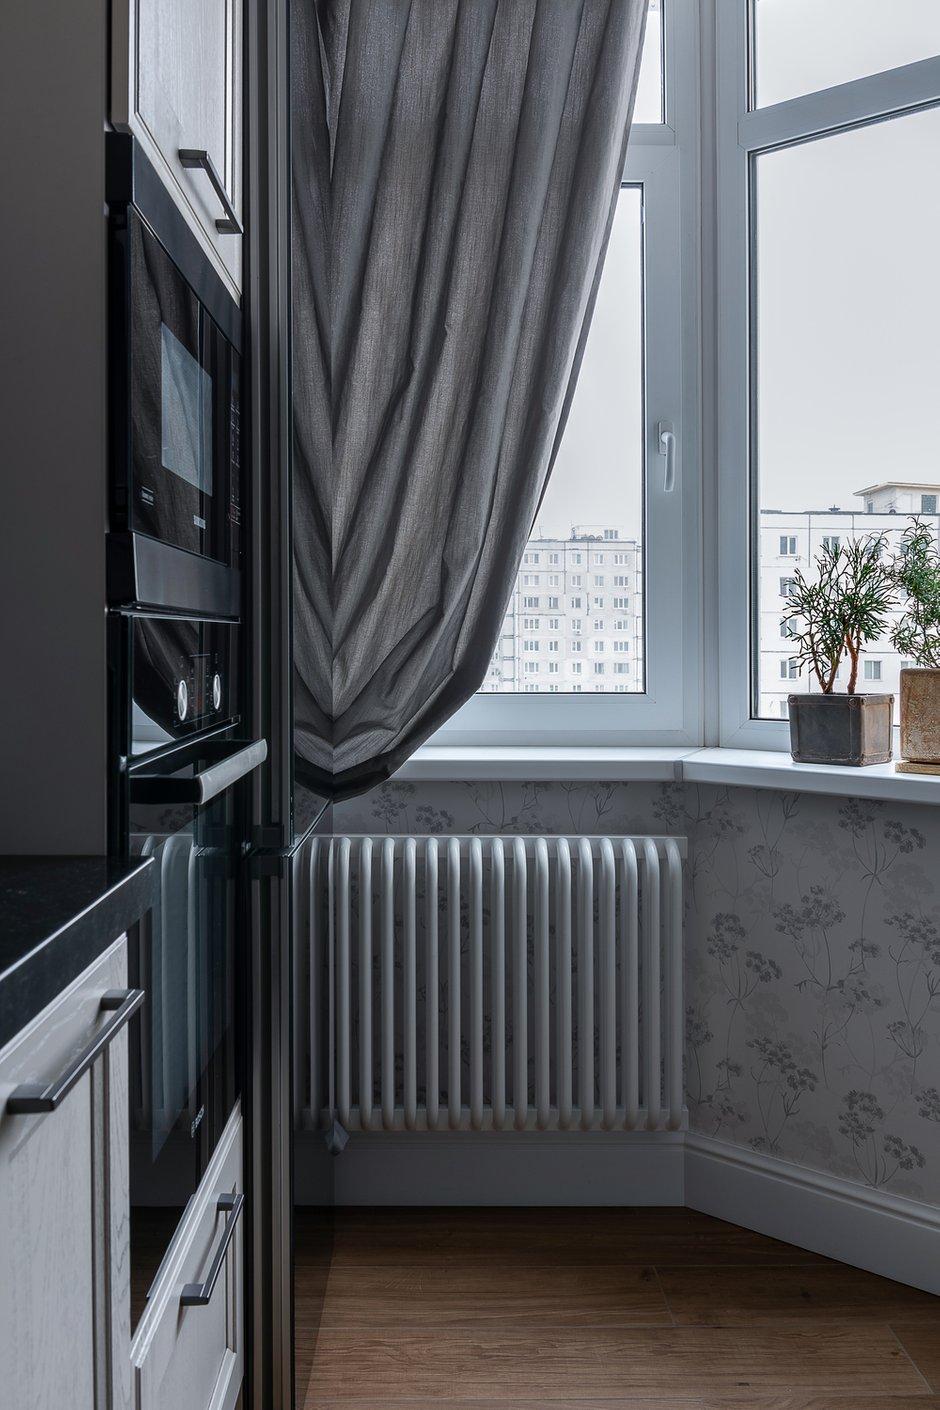 Фотография: Кухня и столовая в стиле Современный, Классический, Квартира, Проект недели, 3 комнаты, 60-90 метров, Владивосток, Елена Теплова – фото на INMYROOM